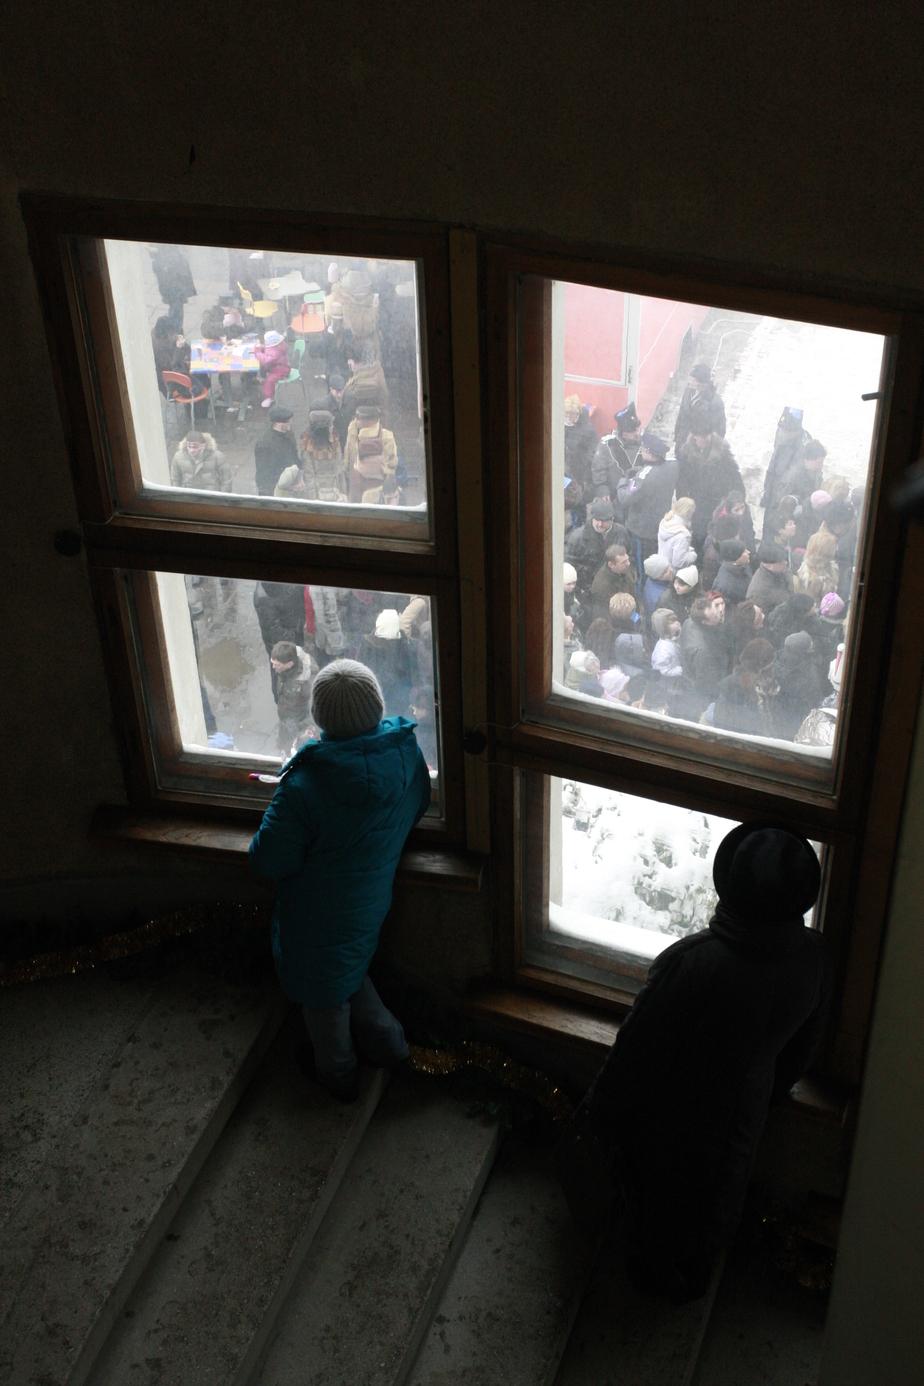 Детский омбудсмен: Мальчика с обмороженными ногами забрали у опекуна - Новости Калининграда